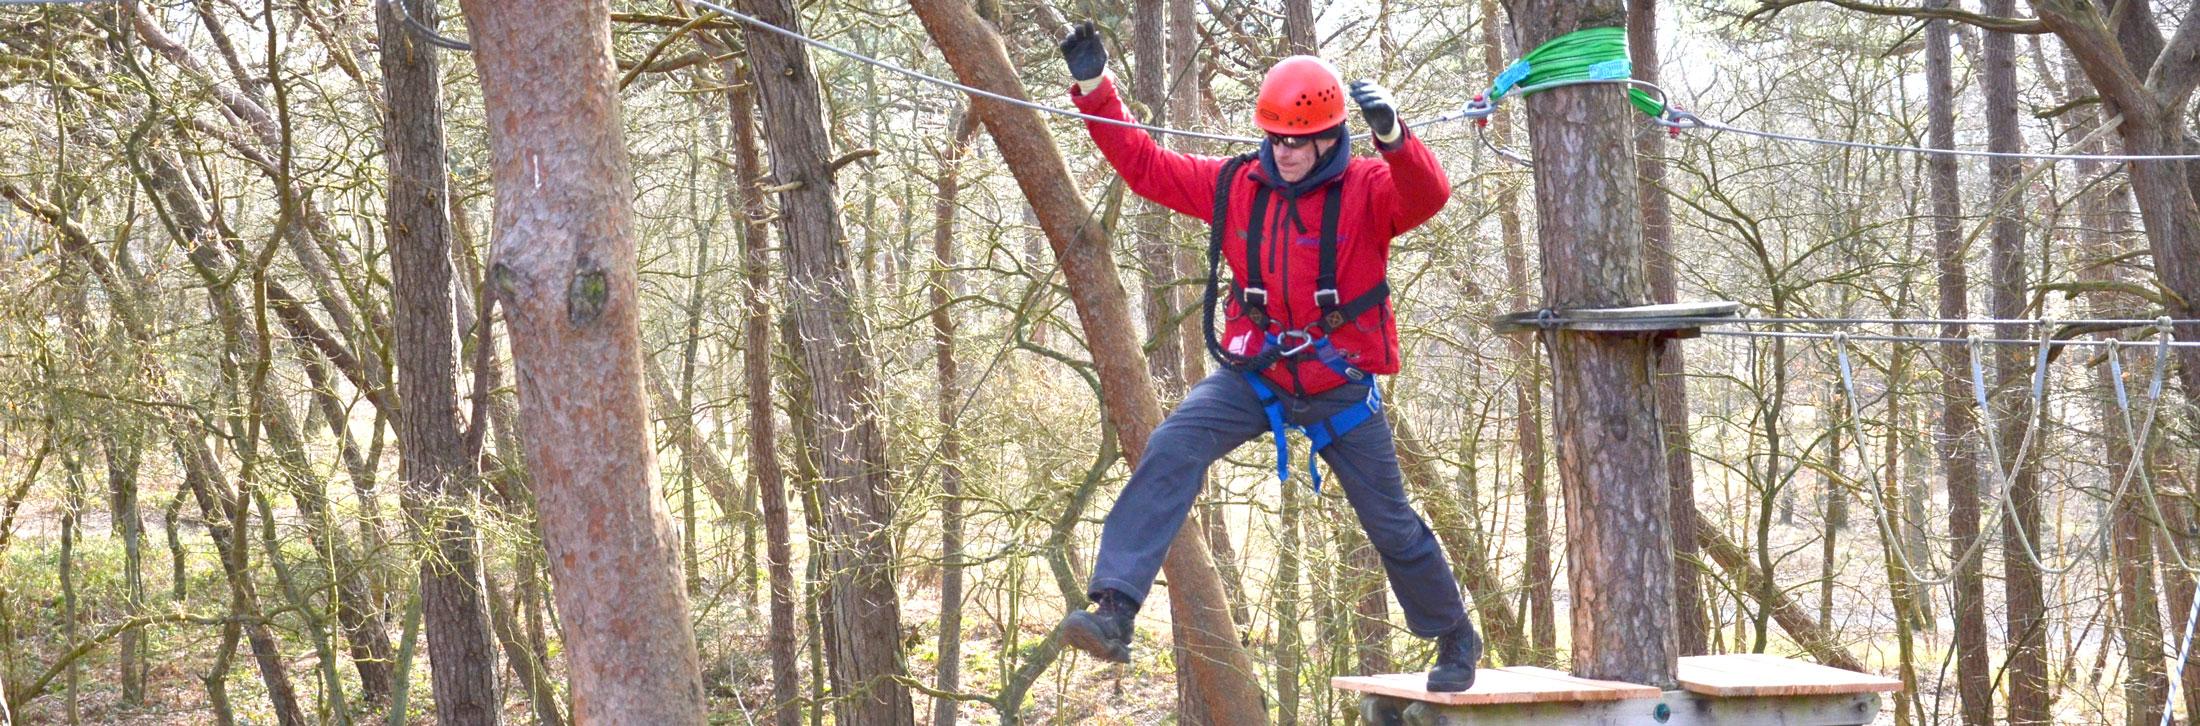 Aktivitäten-Wald-Sprung-Head